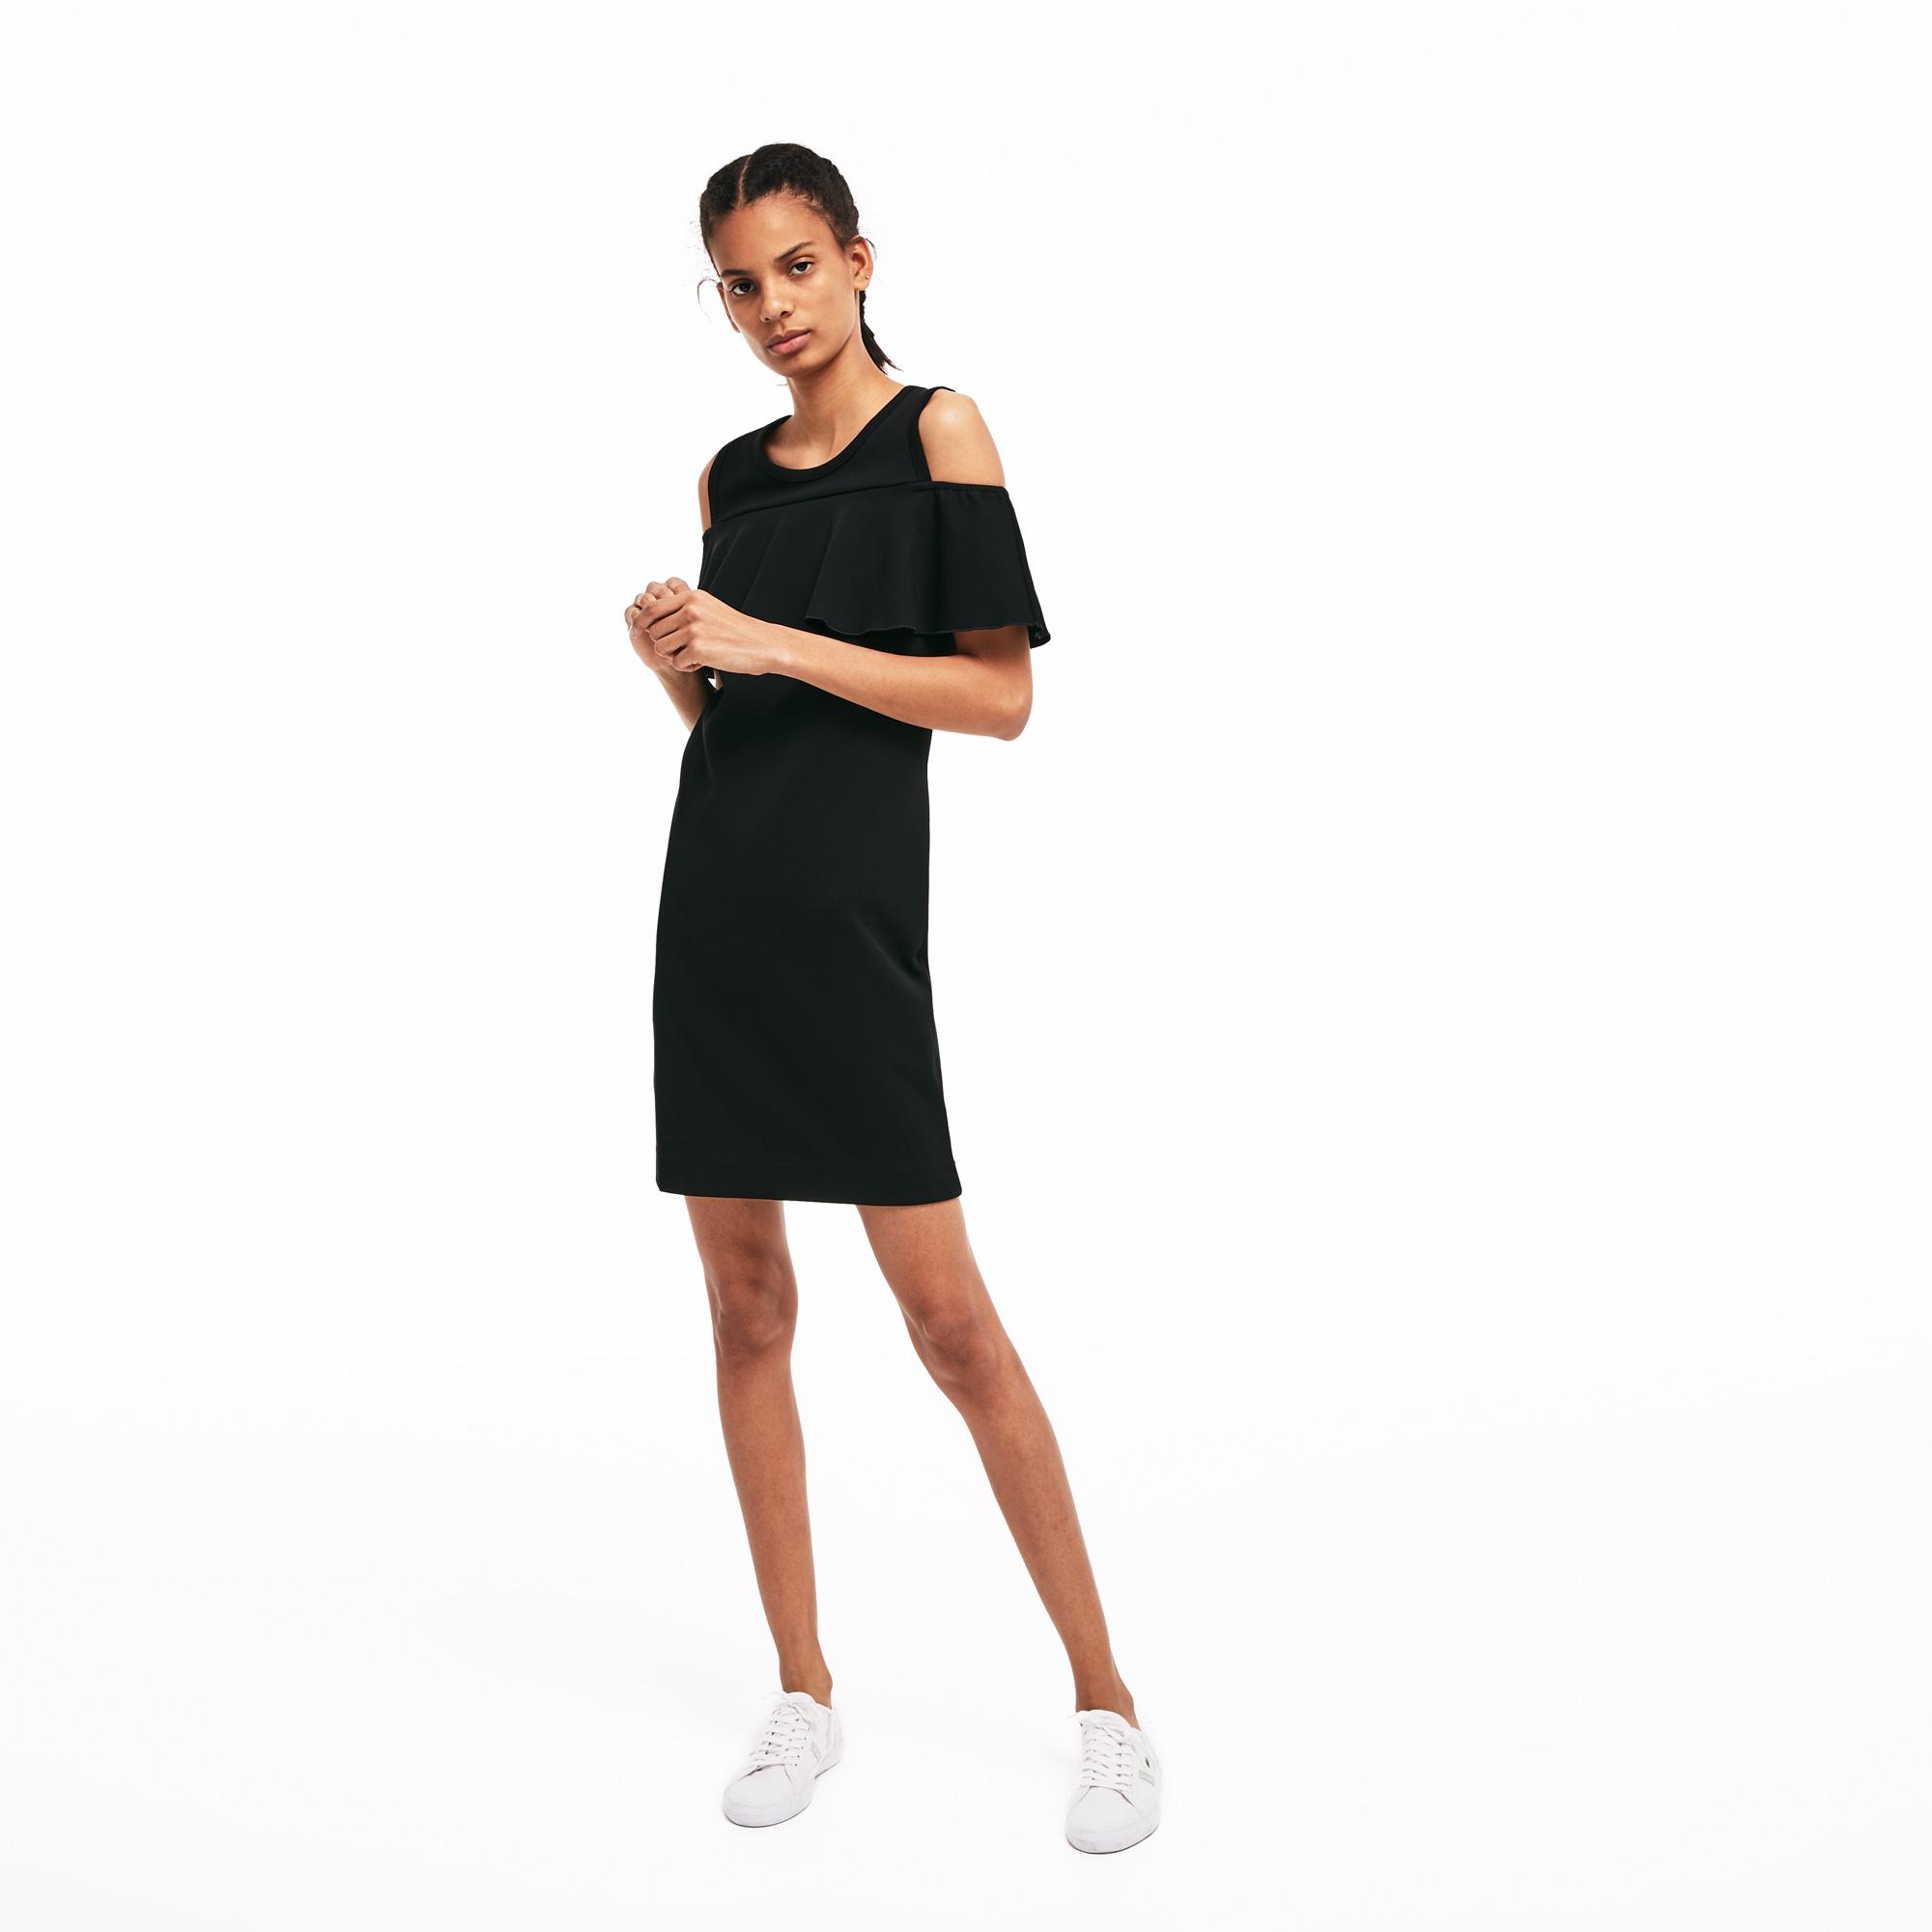 Платье LacosteПлатья и юбки<br>Детали: круглый ворот;\Волан на плечах;\Вышитый логотип Lacoste в тон издения на спине\Материал: 60% хлопок 40% полиэстер